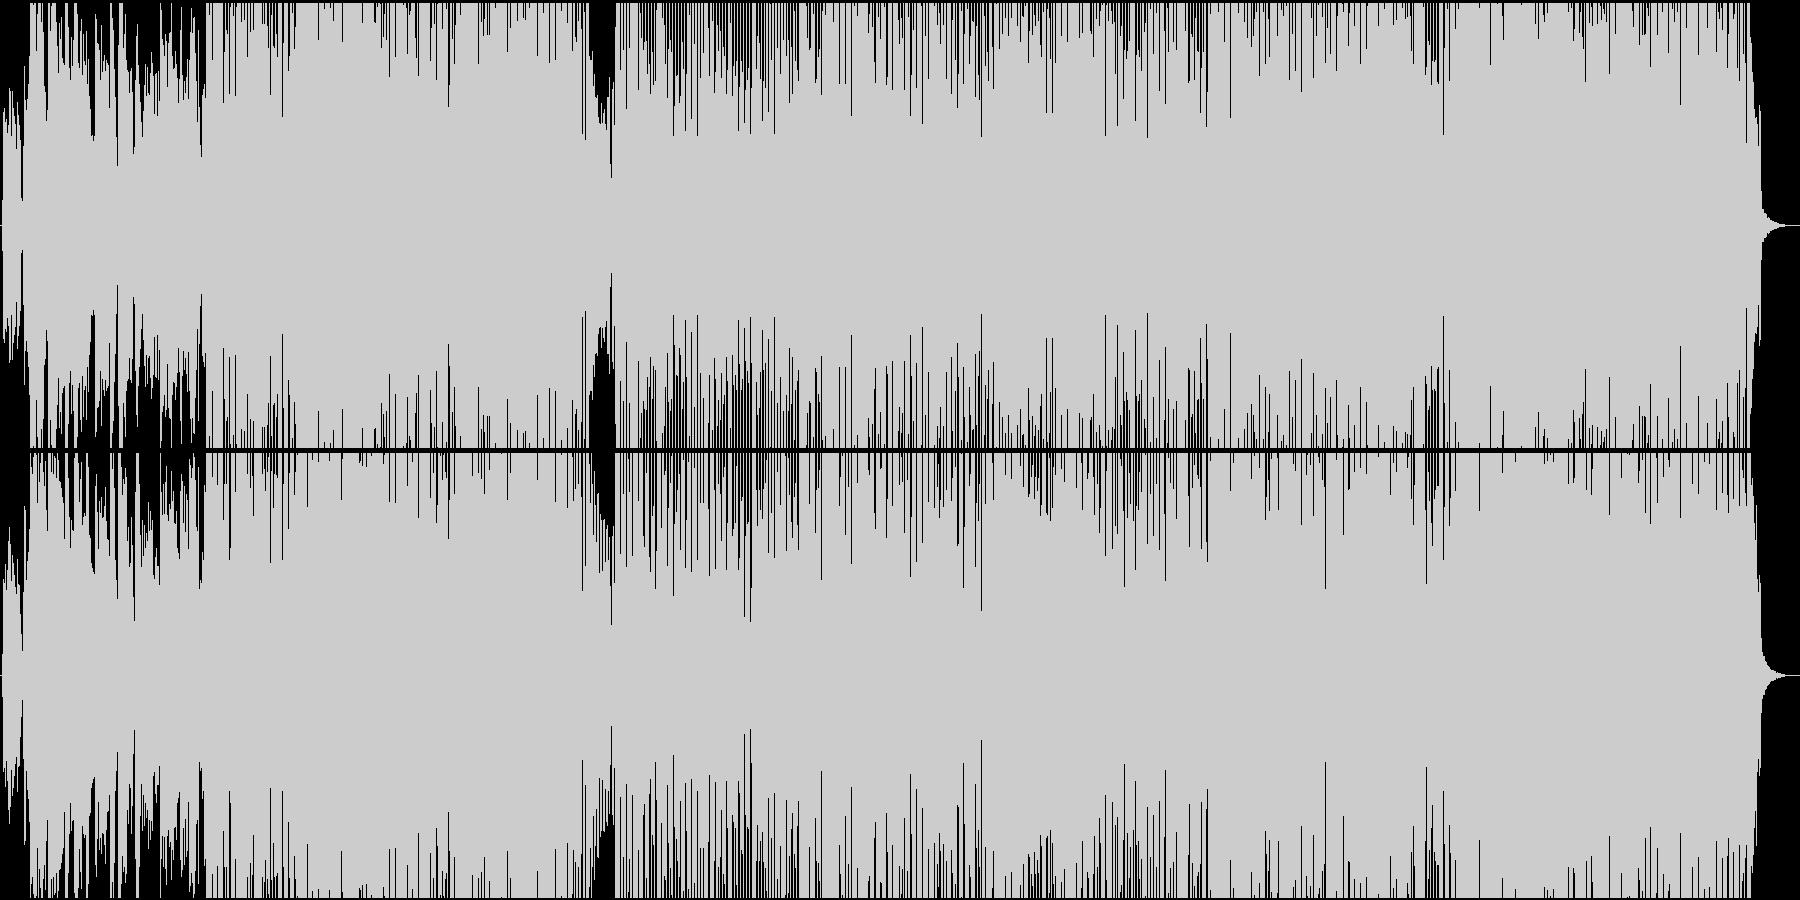 アドリブが多彩・典型的なカントリー楽曲の未再生の波形